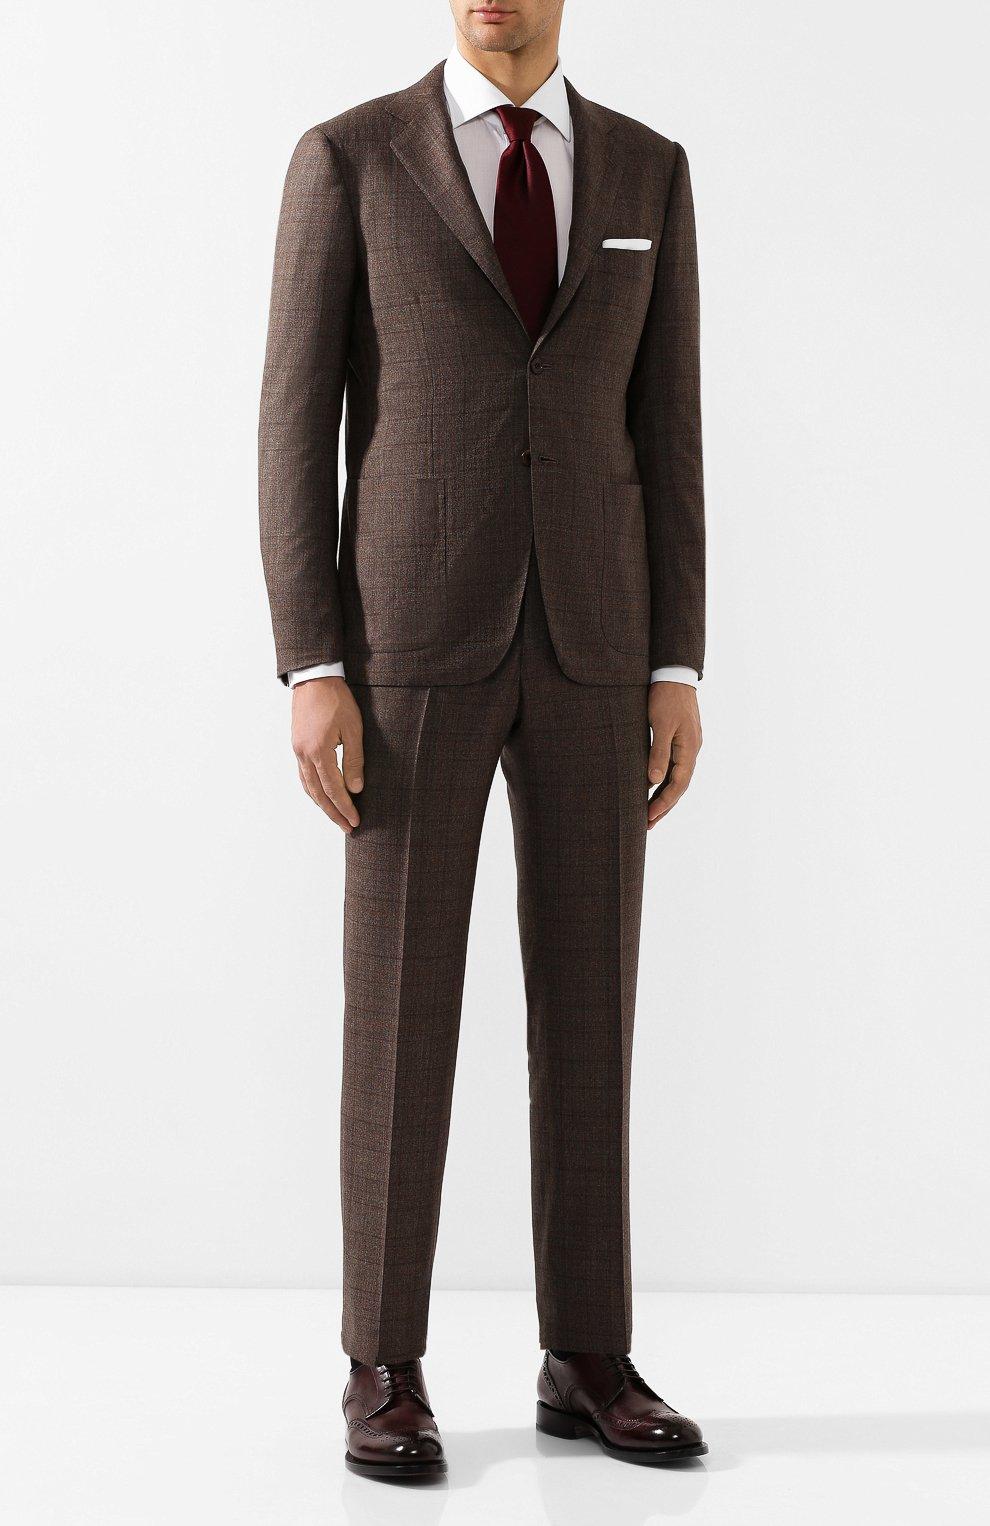 Коричневый шерстяной костюм мужской где купить авто ткань